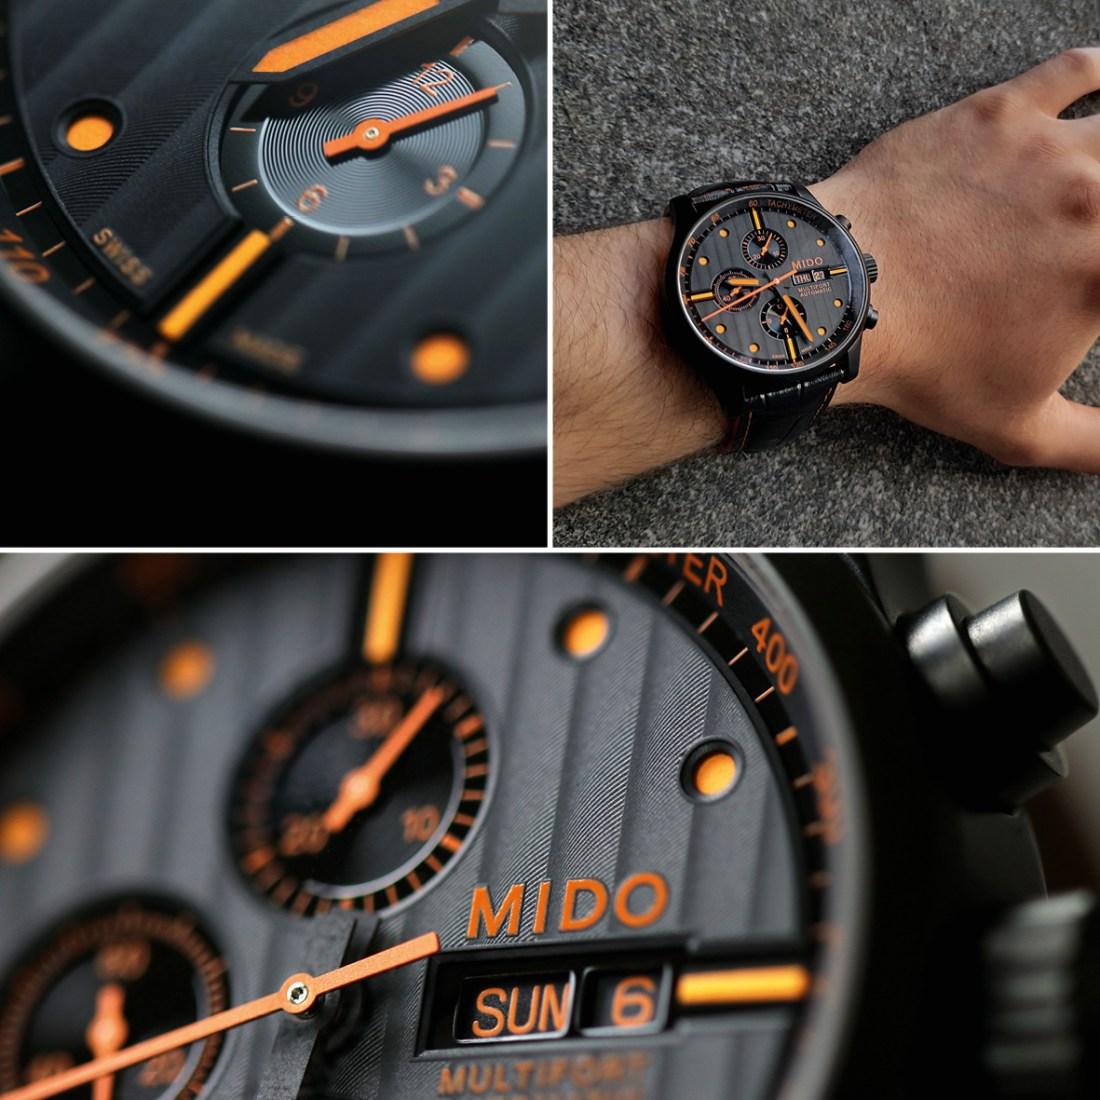 Caratula del reloj MIDO visto de diferentes ángulos en color negro con detalles naranjas